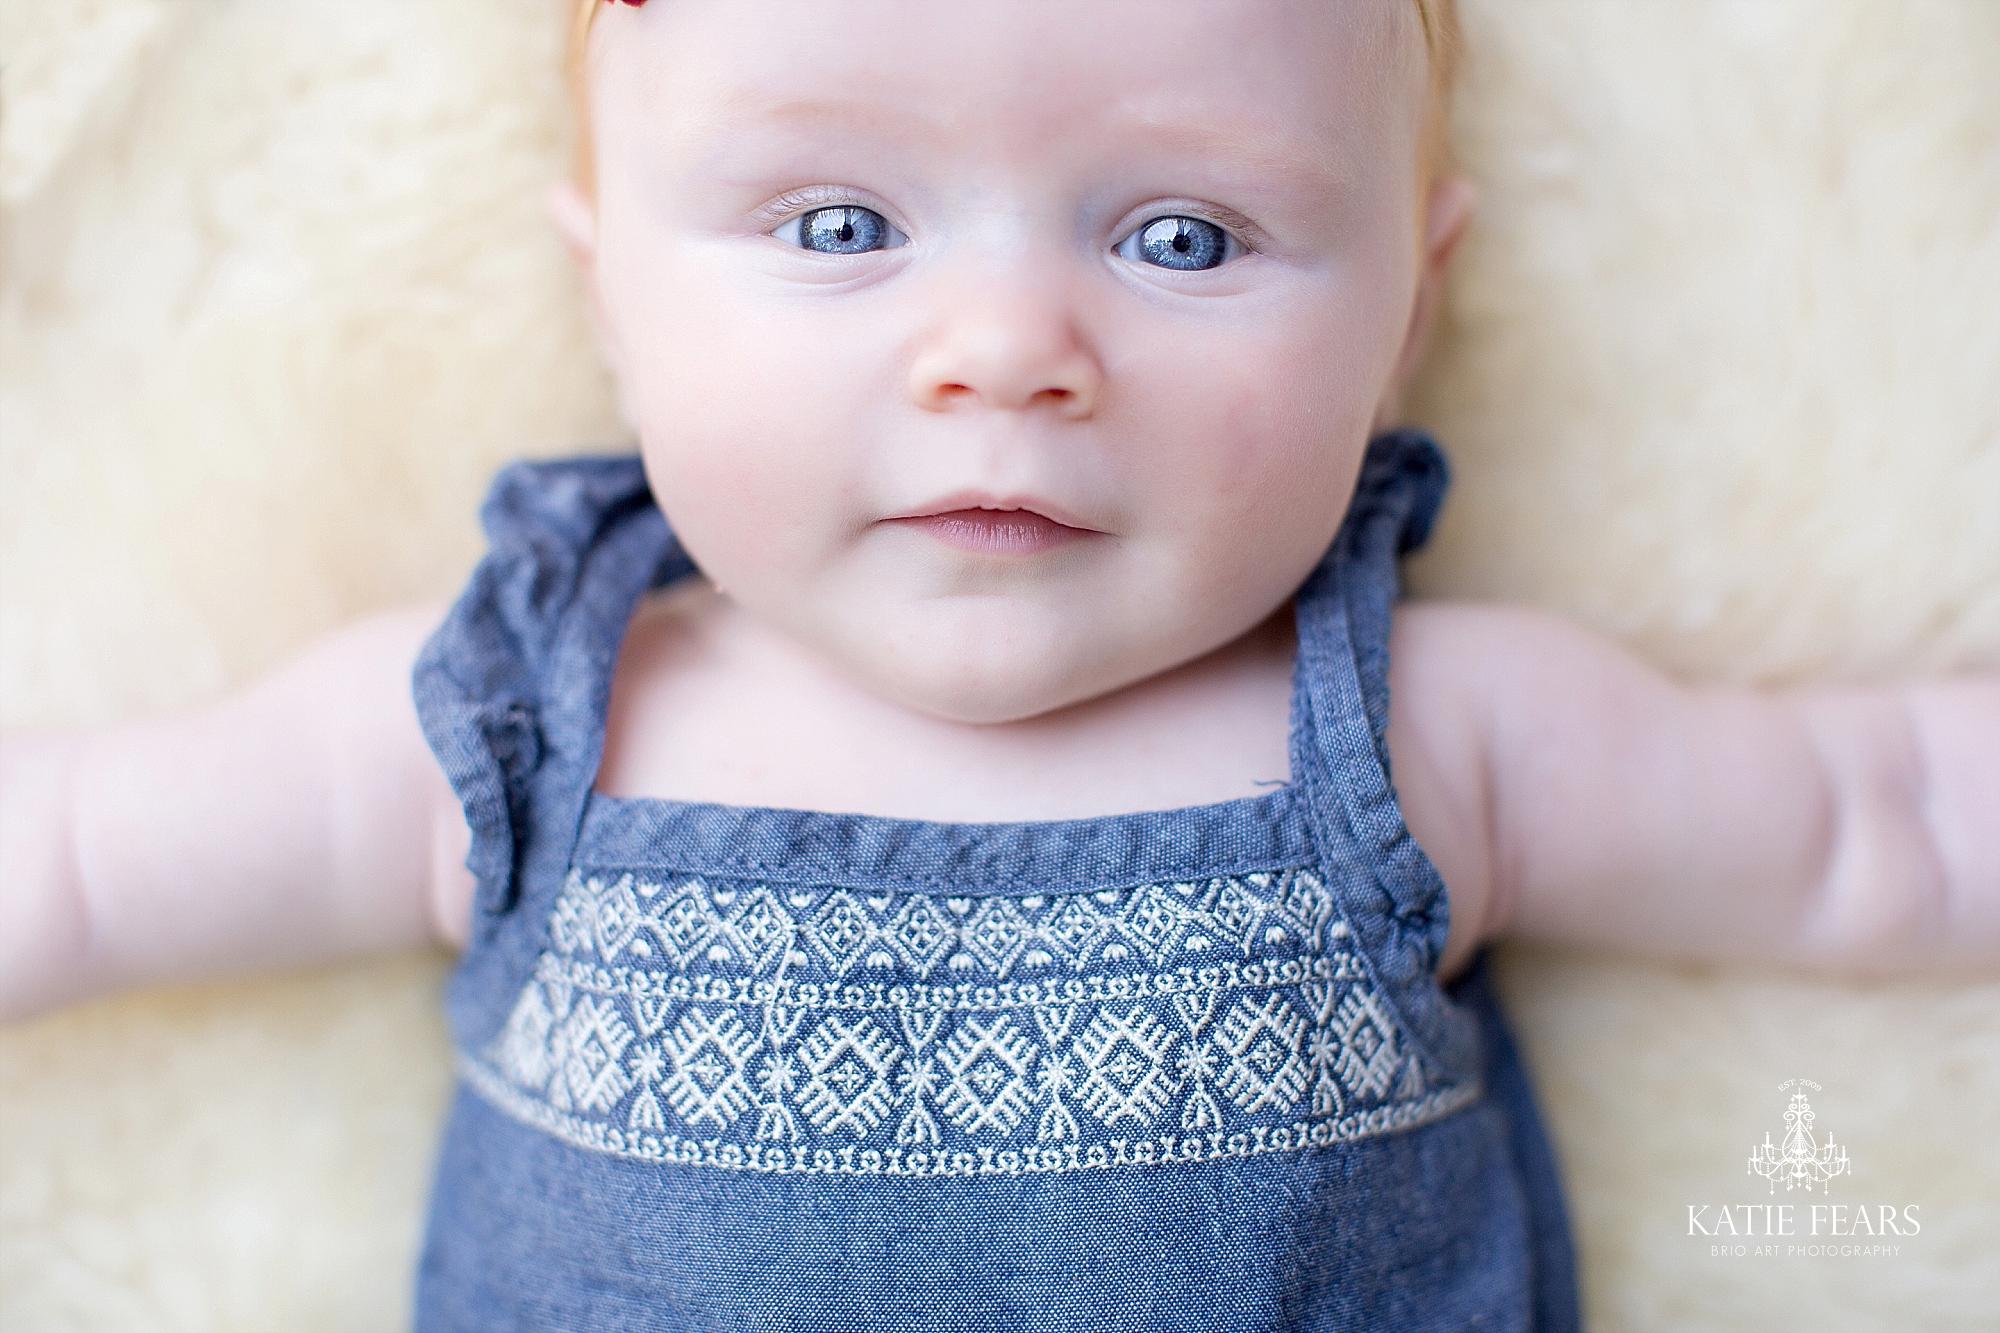 BrioArt-Katelyn 3 months-015_WEB.jpg